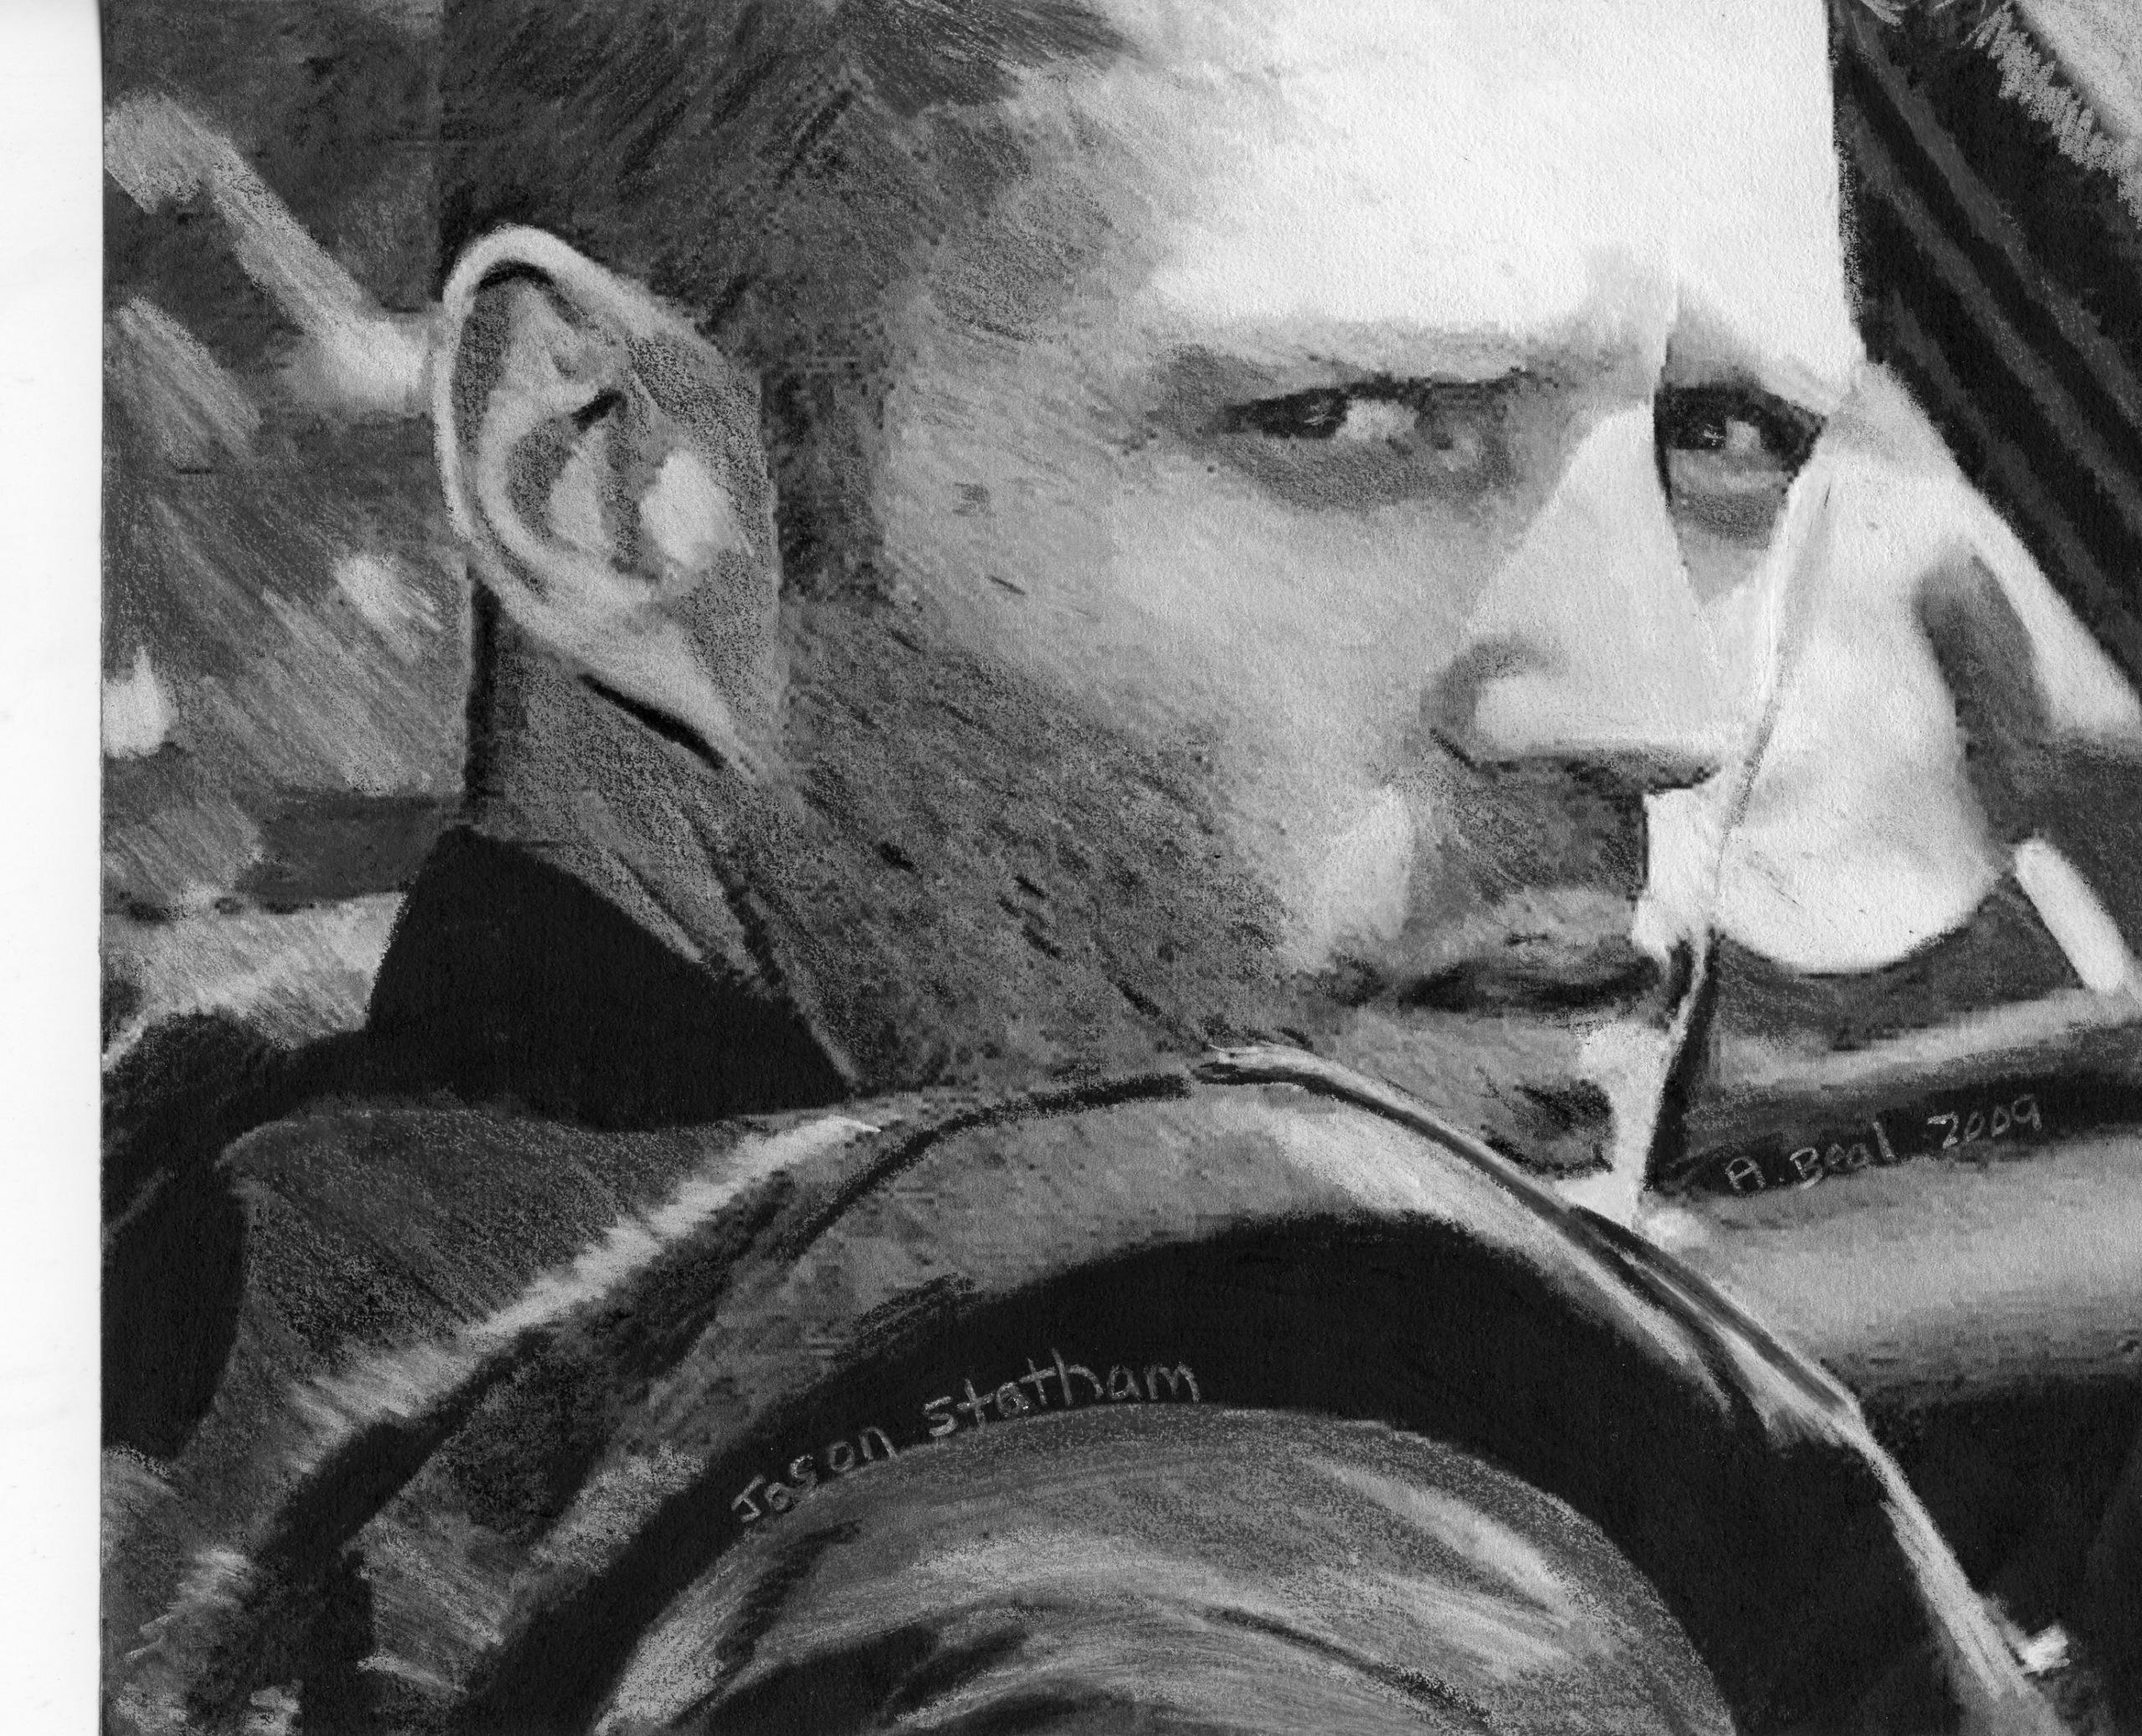 My Jason Statham art